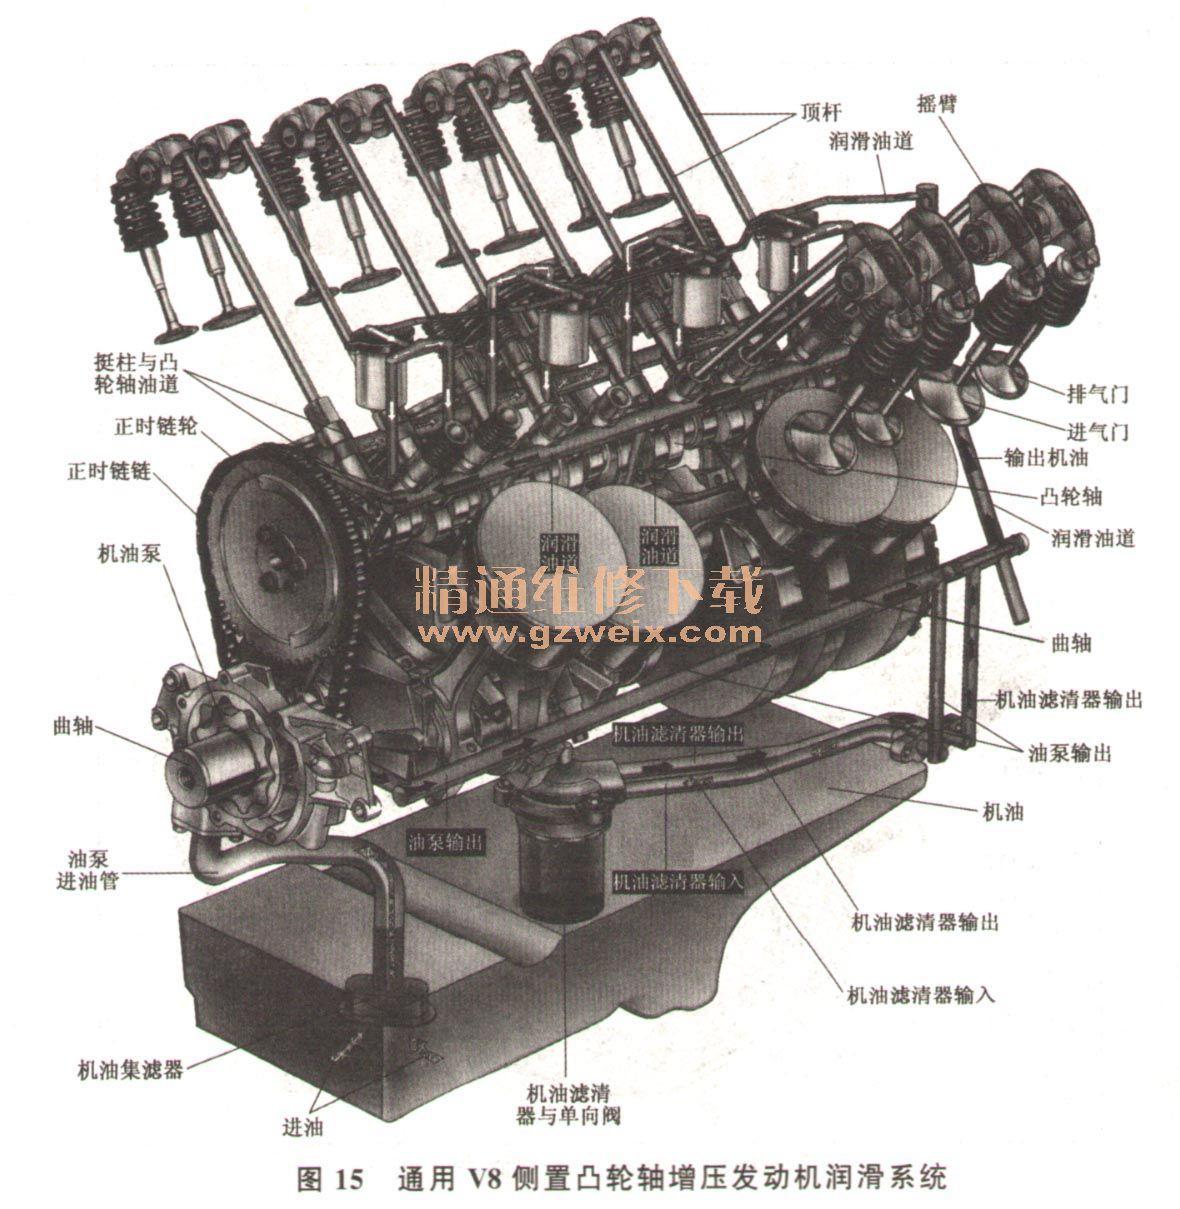 汽车发动机润滑系统基本组成与各零件结构